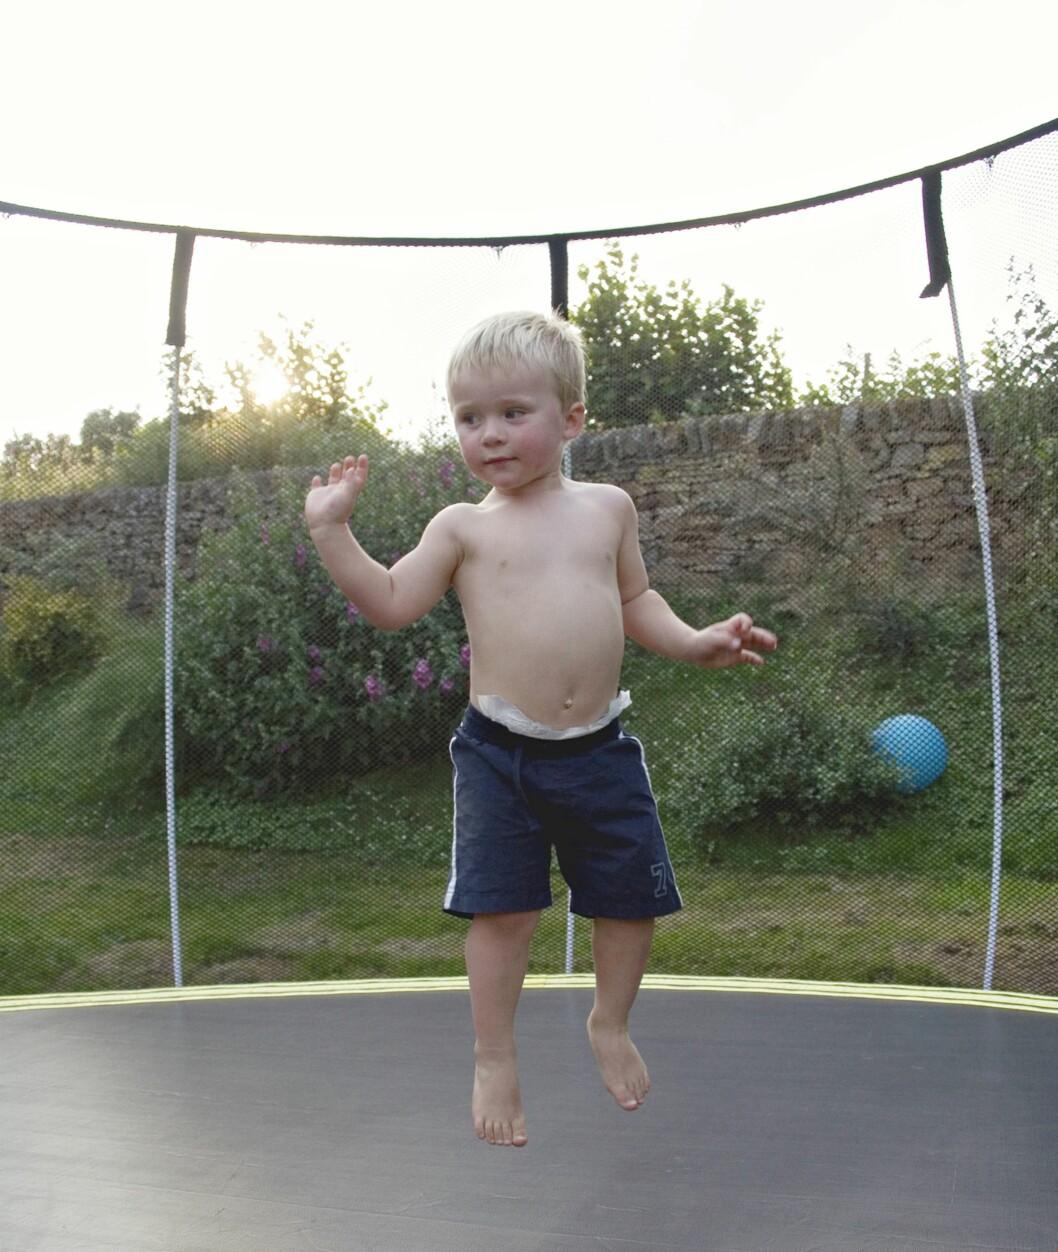 <strong>VIKTIG MED SIKRING:</strong> Også mange små barn blir skadet i trampoliner. Foto: Lucianne Pashley / NTB Scanpix